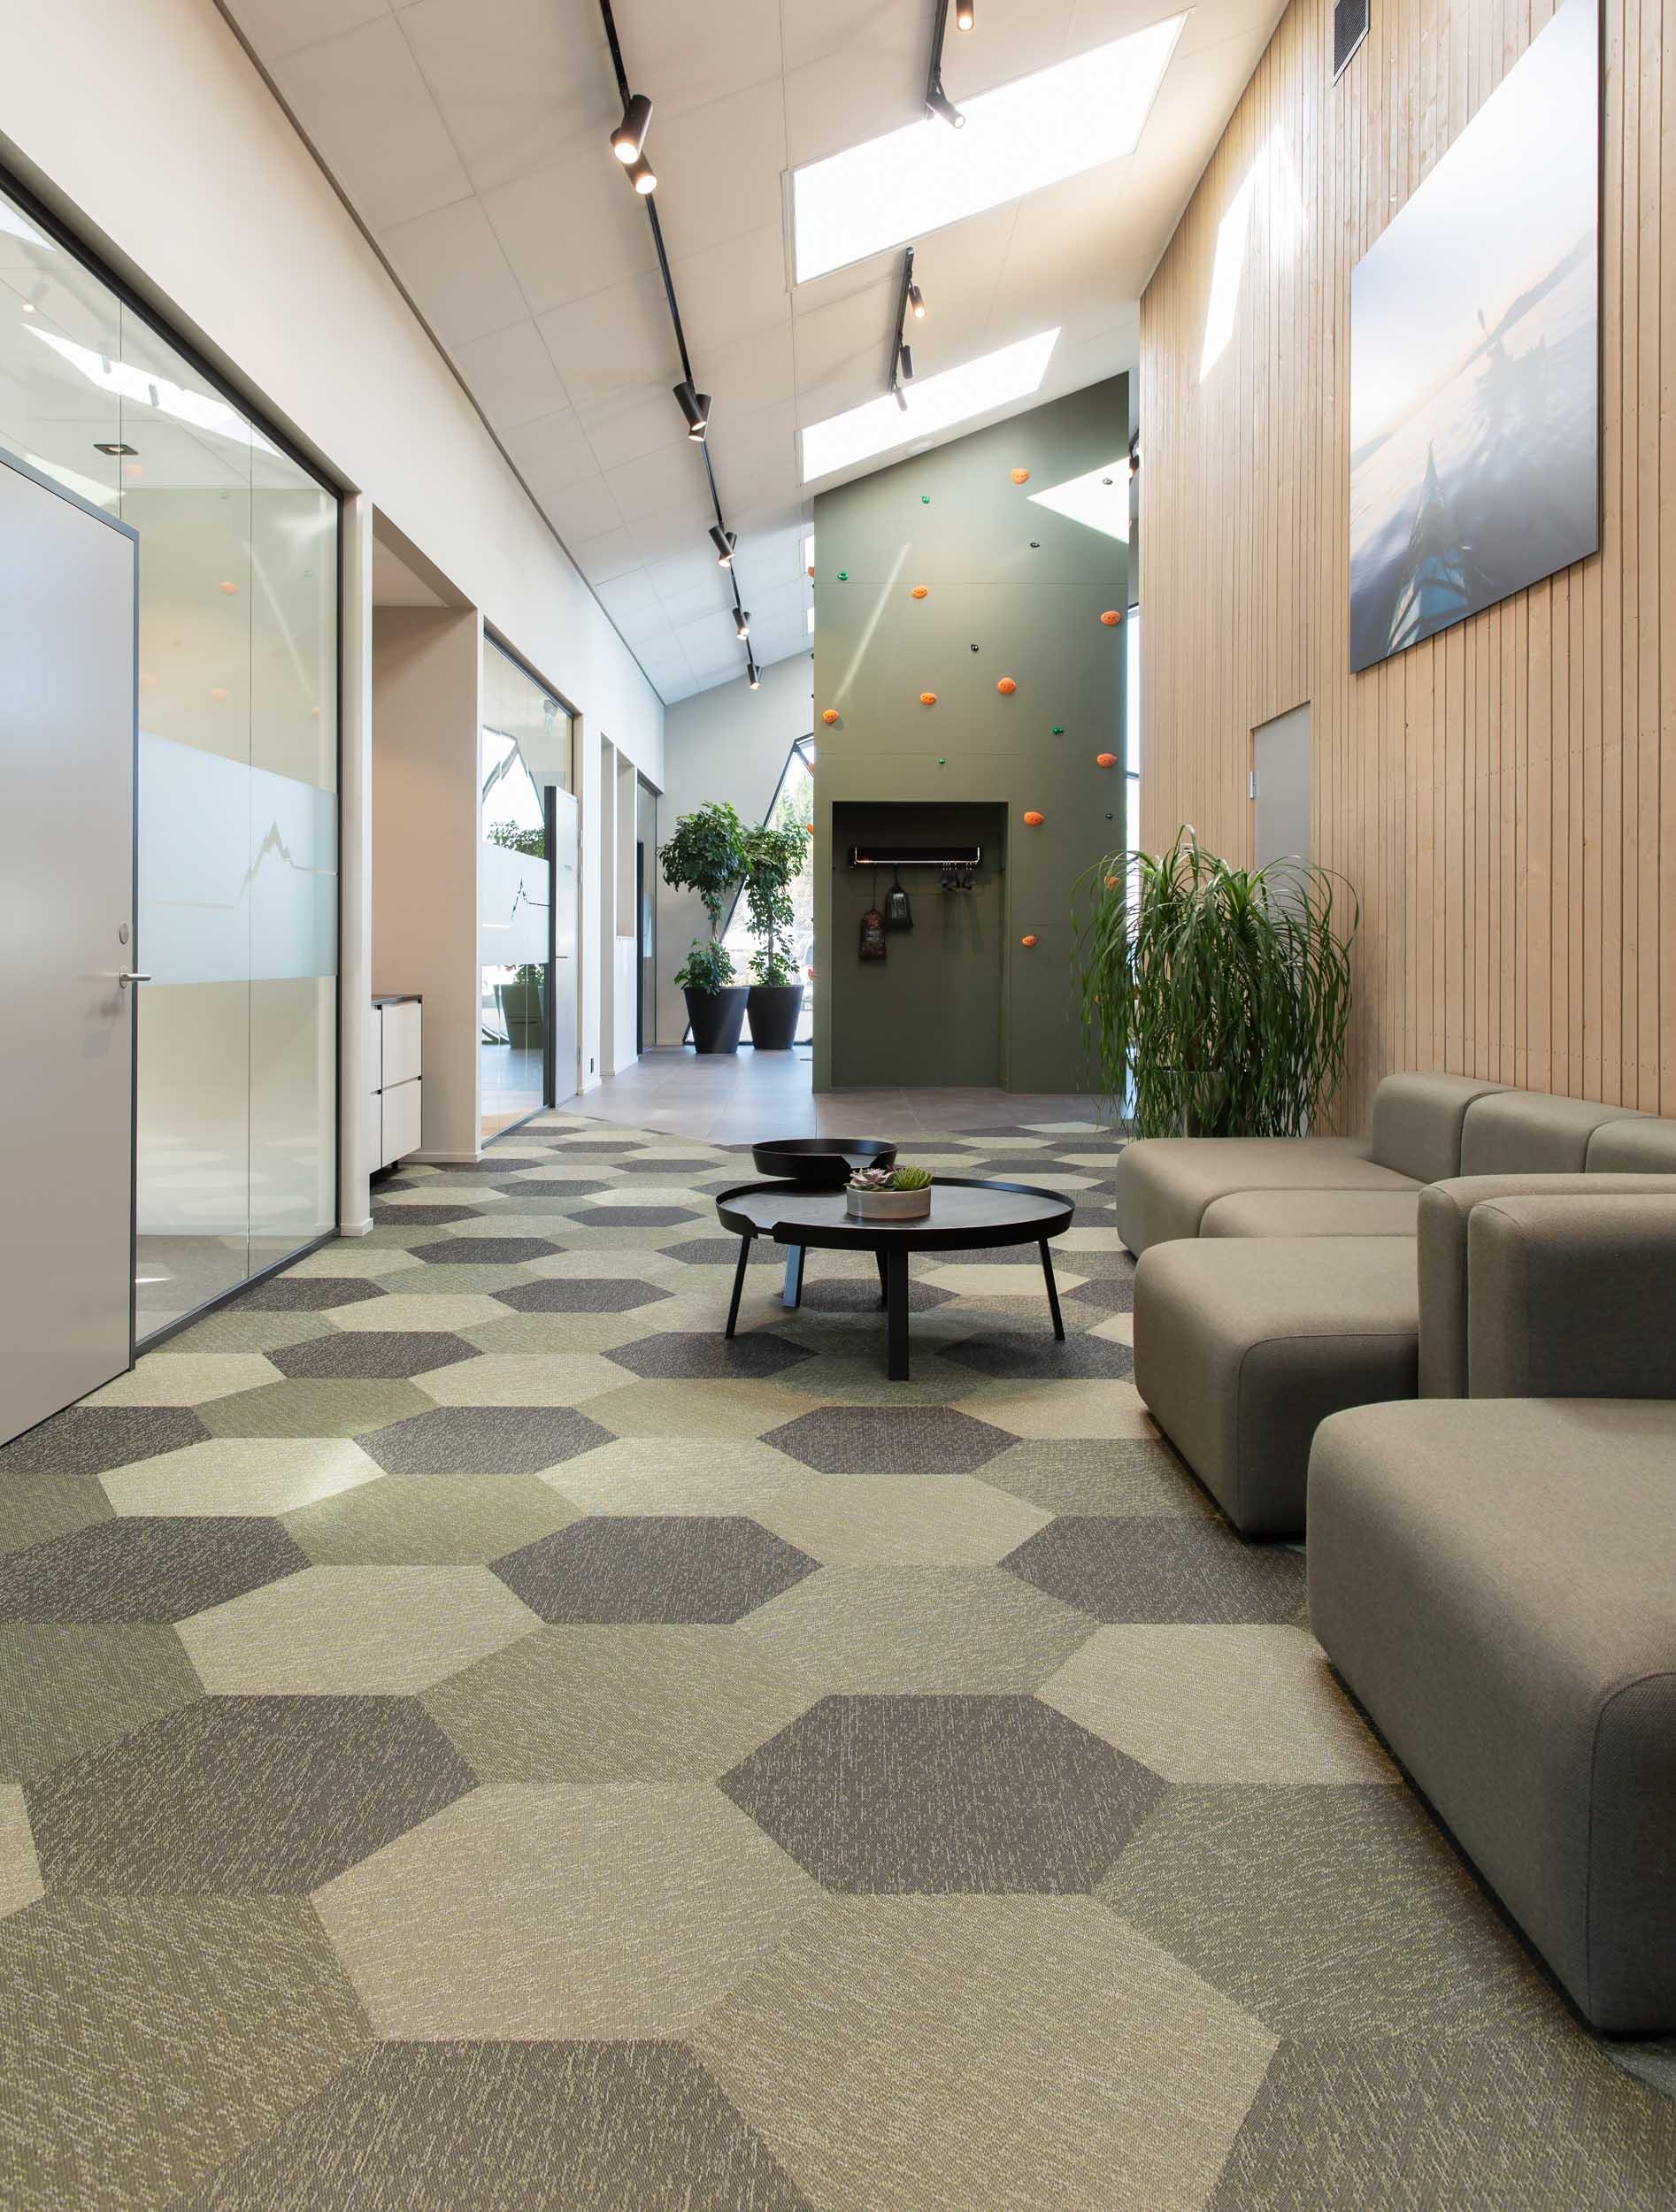 Bildet fra vårt referanseprosjekt Hekta På Tur der det ligger 2tec2 Hexagon-fliser med den grønne Orbital fargen. Perspektivet gir den samme fargen flere nyanser.